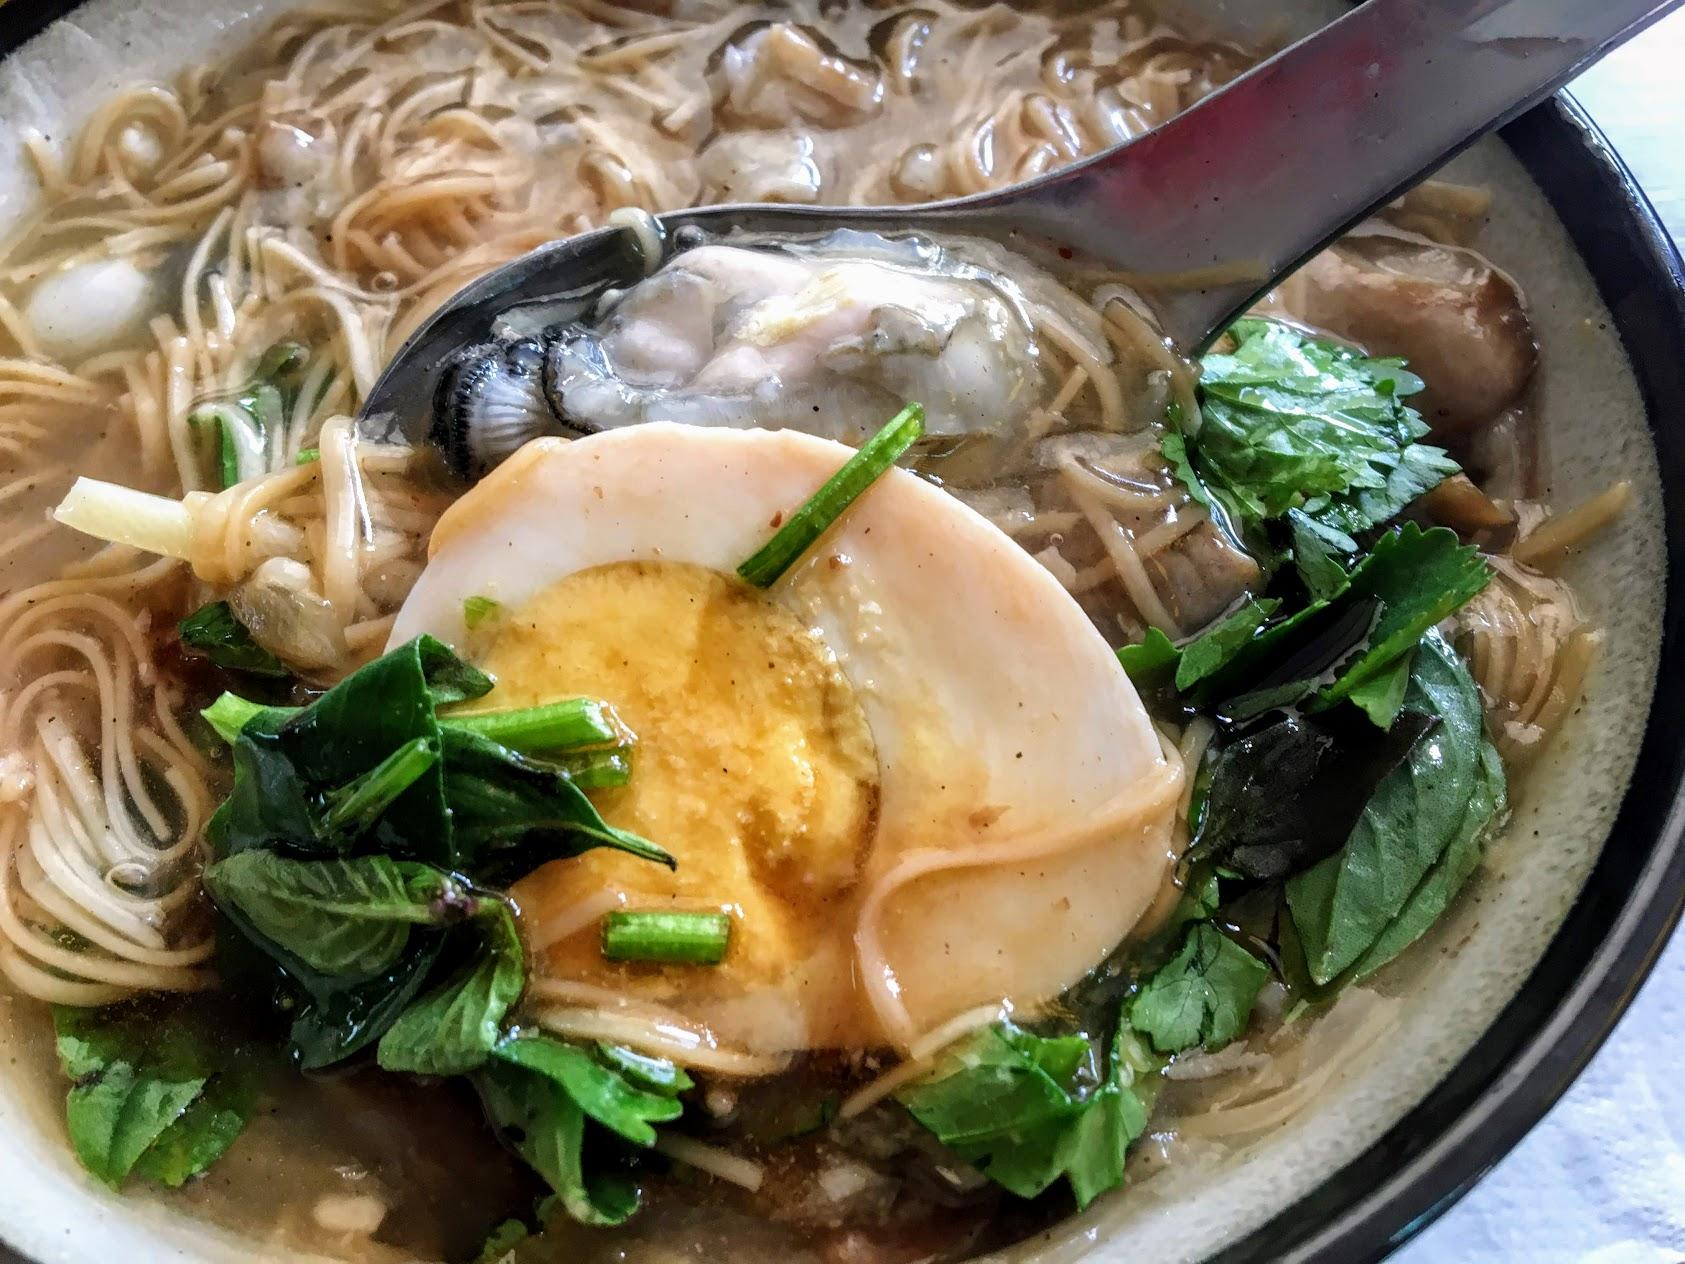 很特別的還多了半顆蛋XD 湯頭帶著榫子和蝦米的香,顏色偏淡,但口感還不錯